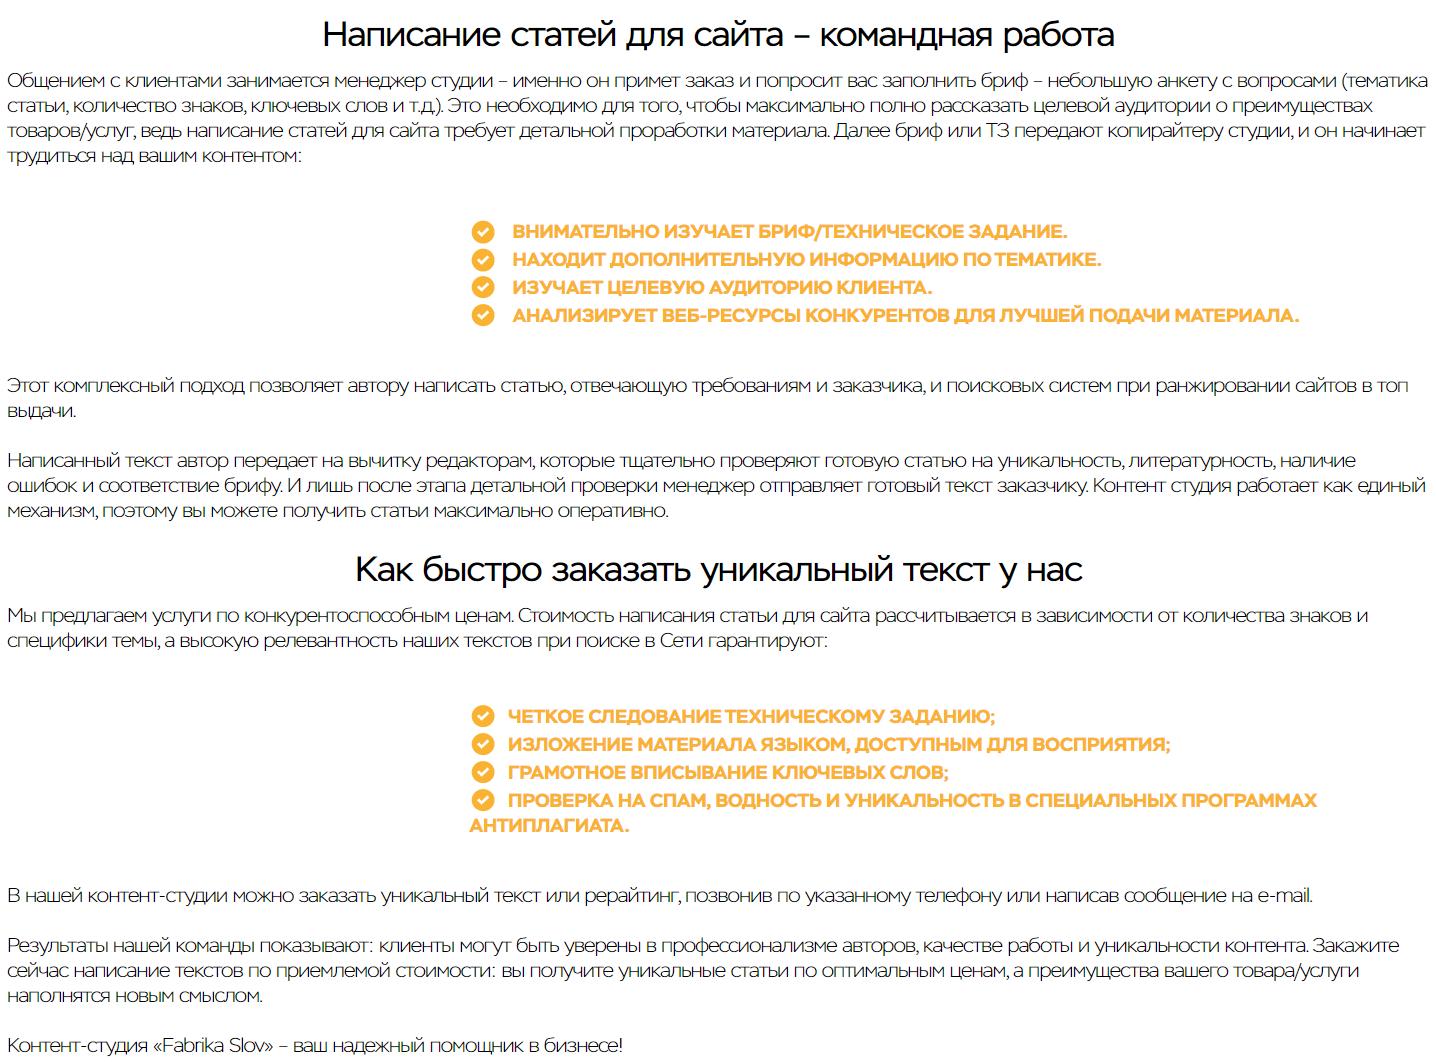 Фабрика Слов - обзор компании, услуги, отзывы, клиенты, Фото № 2 - google-seo.pro